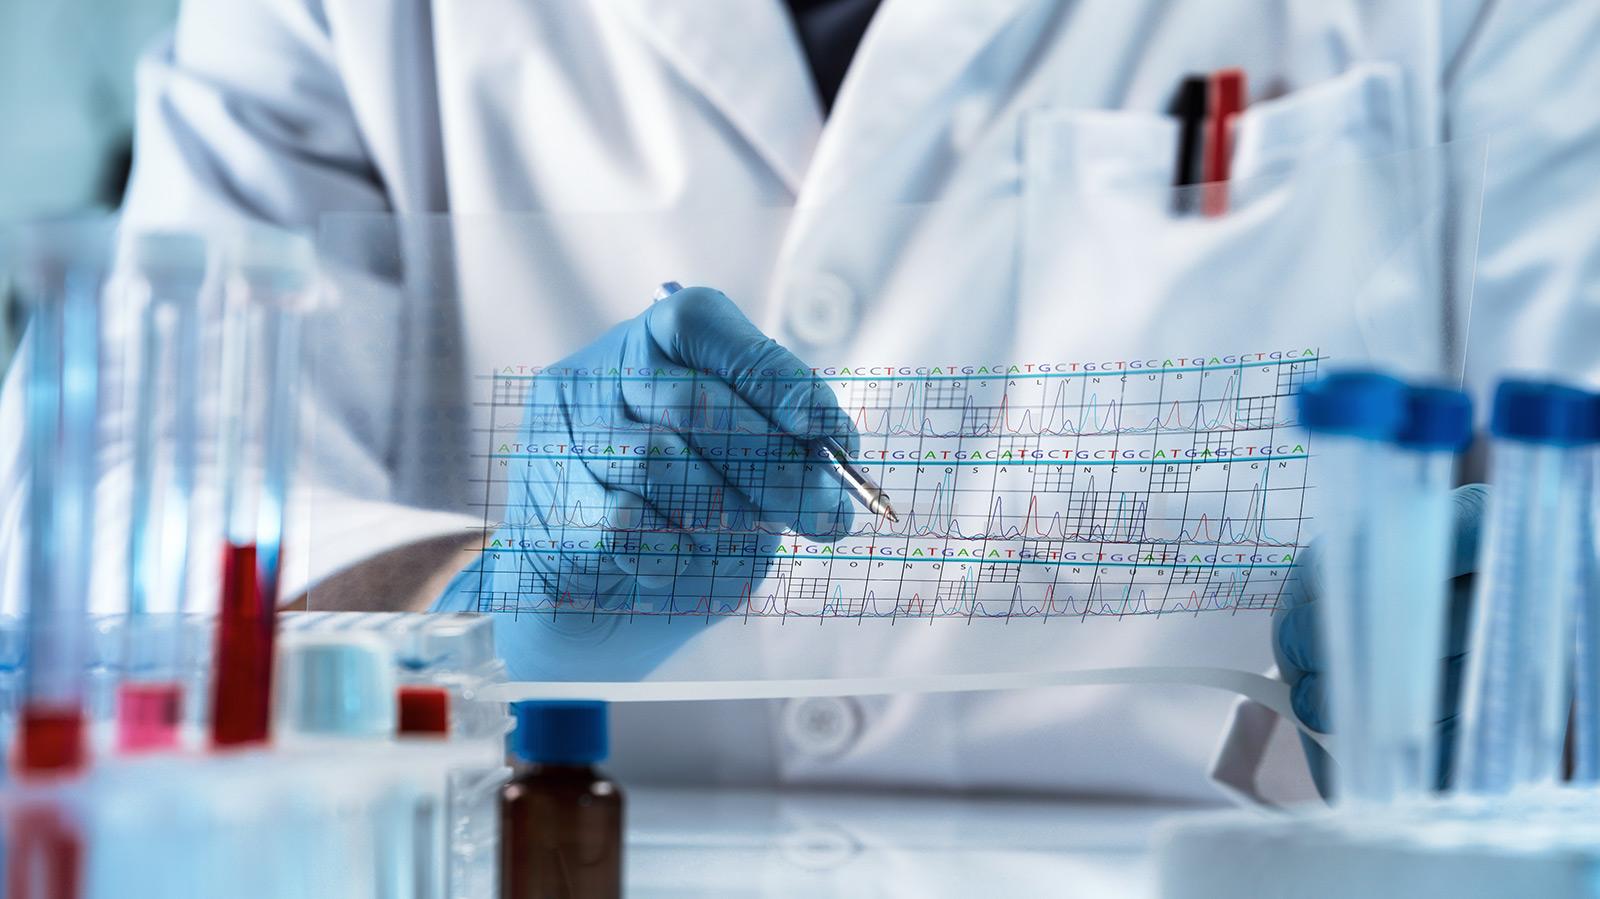 解析業務-製薬会社向け市販後調査業務⽀援